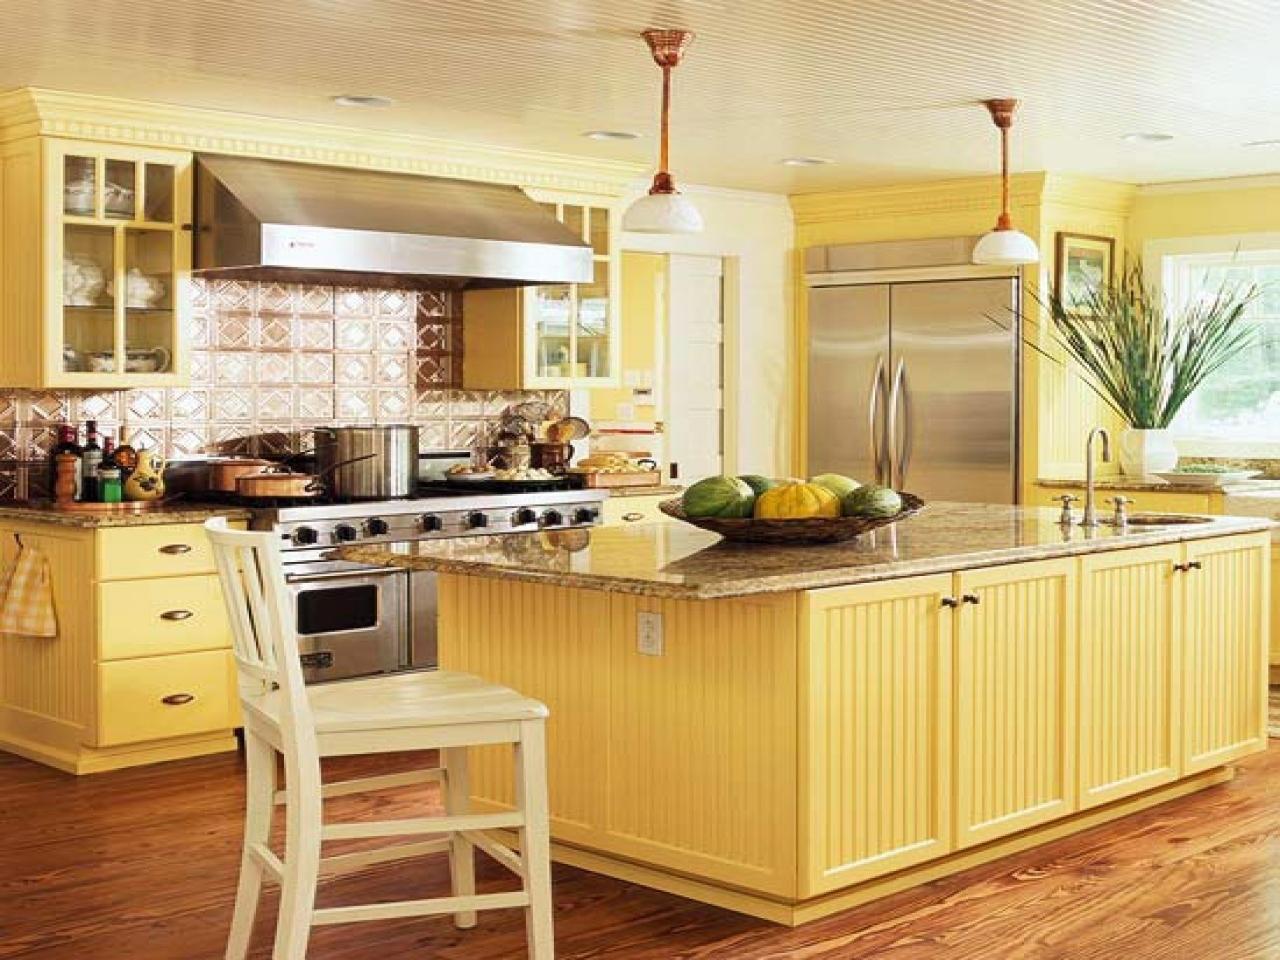 Yellow Kitchens, Yellow Kitchen Design Pale Yellow Kitchen with regard to Kitchen Design Yellow And White